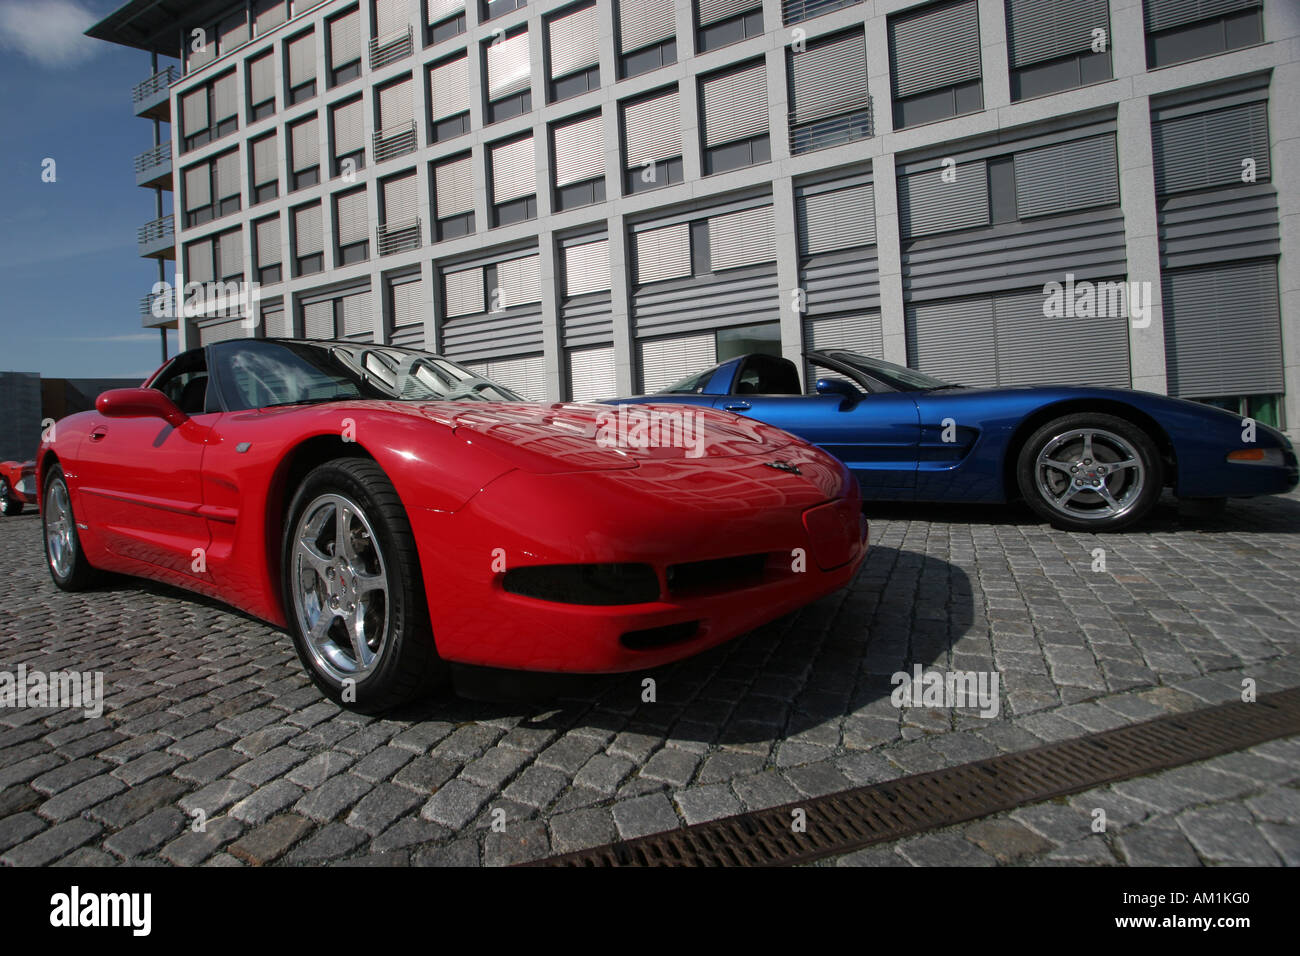 classy Italian car - Stock Image